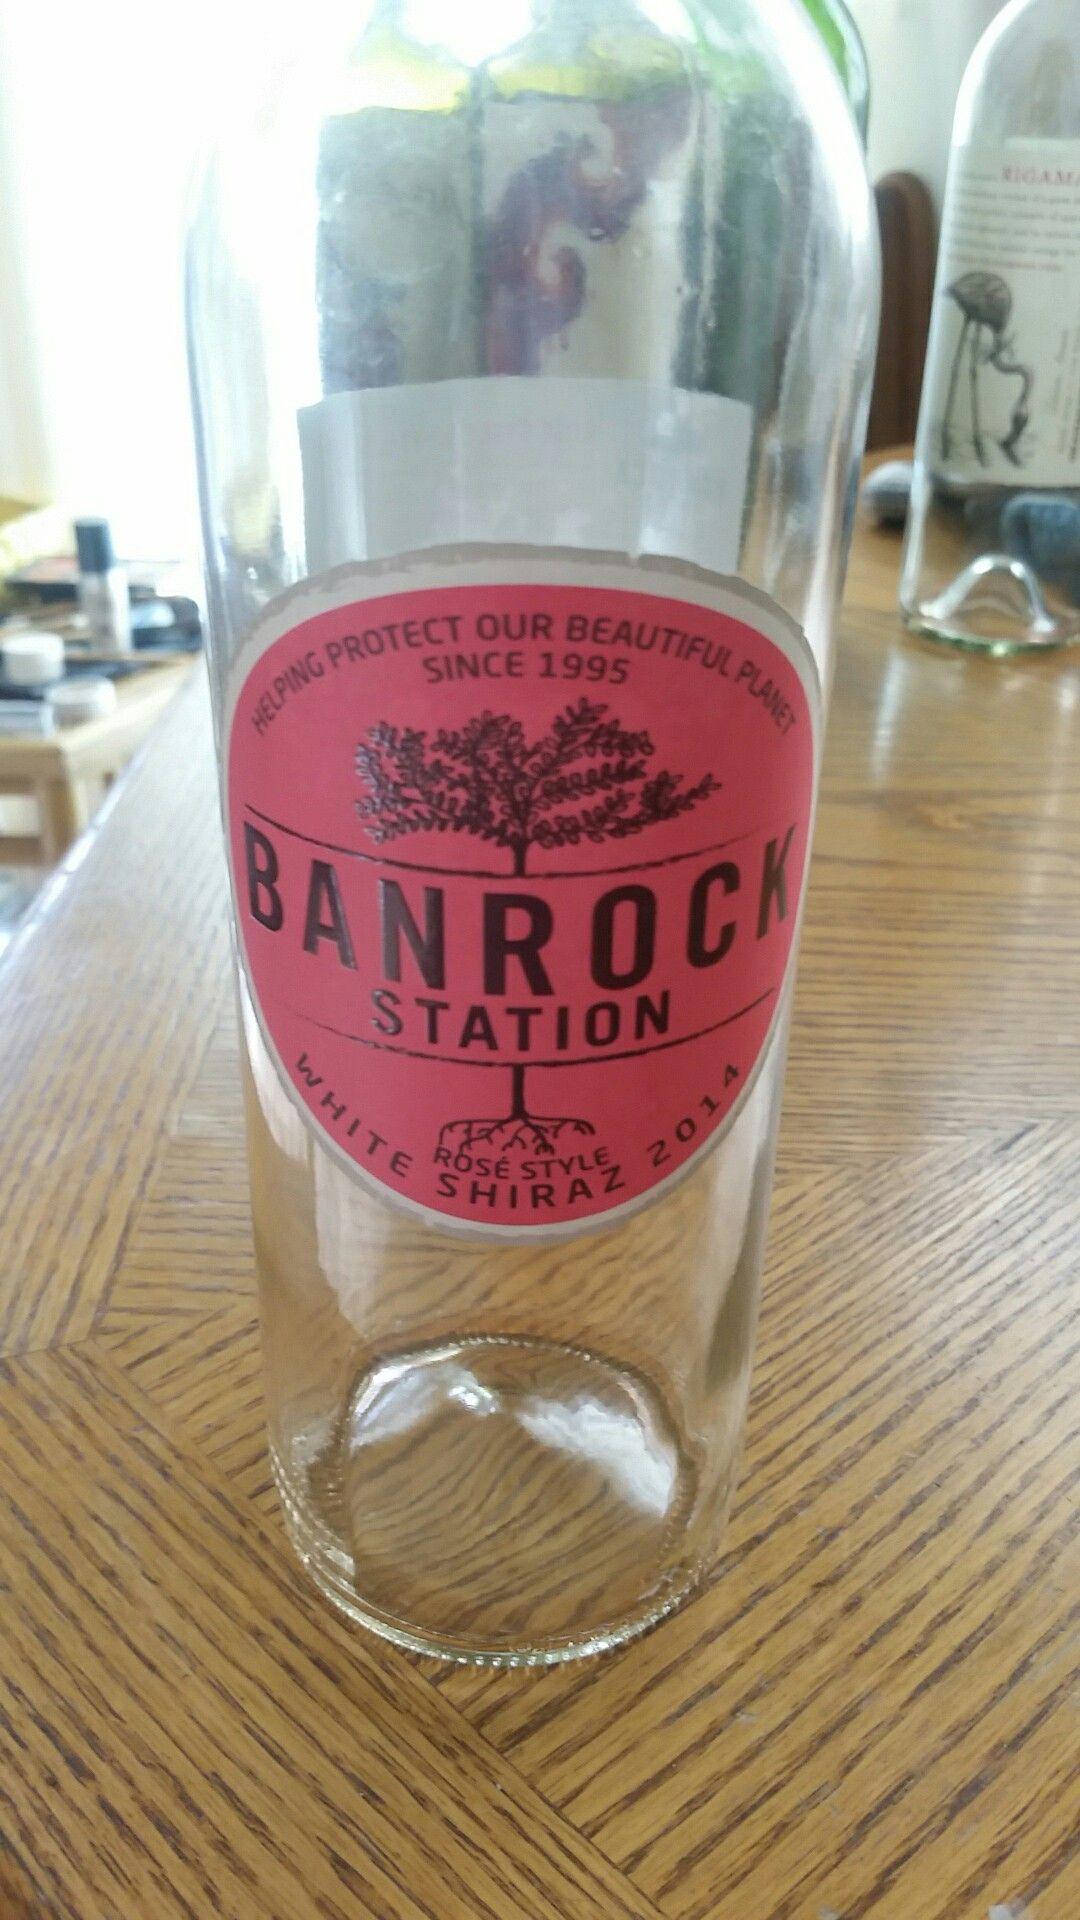 Banrock Station White Shiraz 12 Australia Wine Glass Glassware Wine